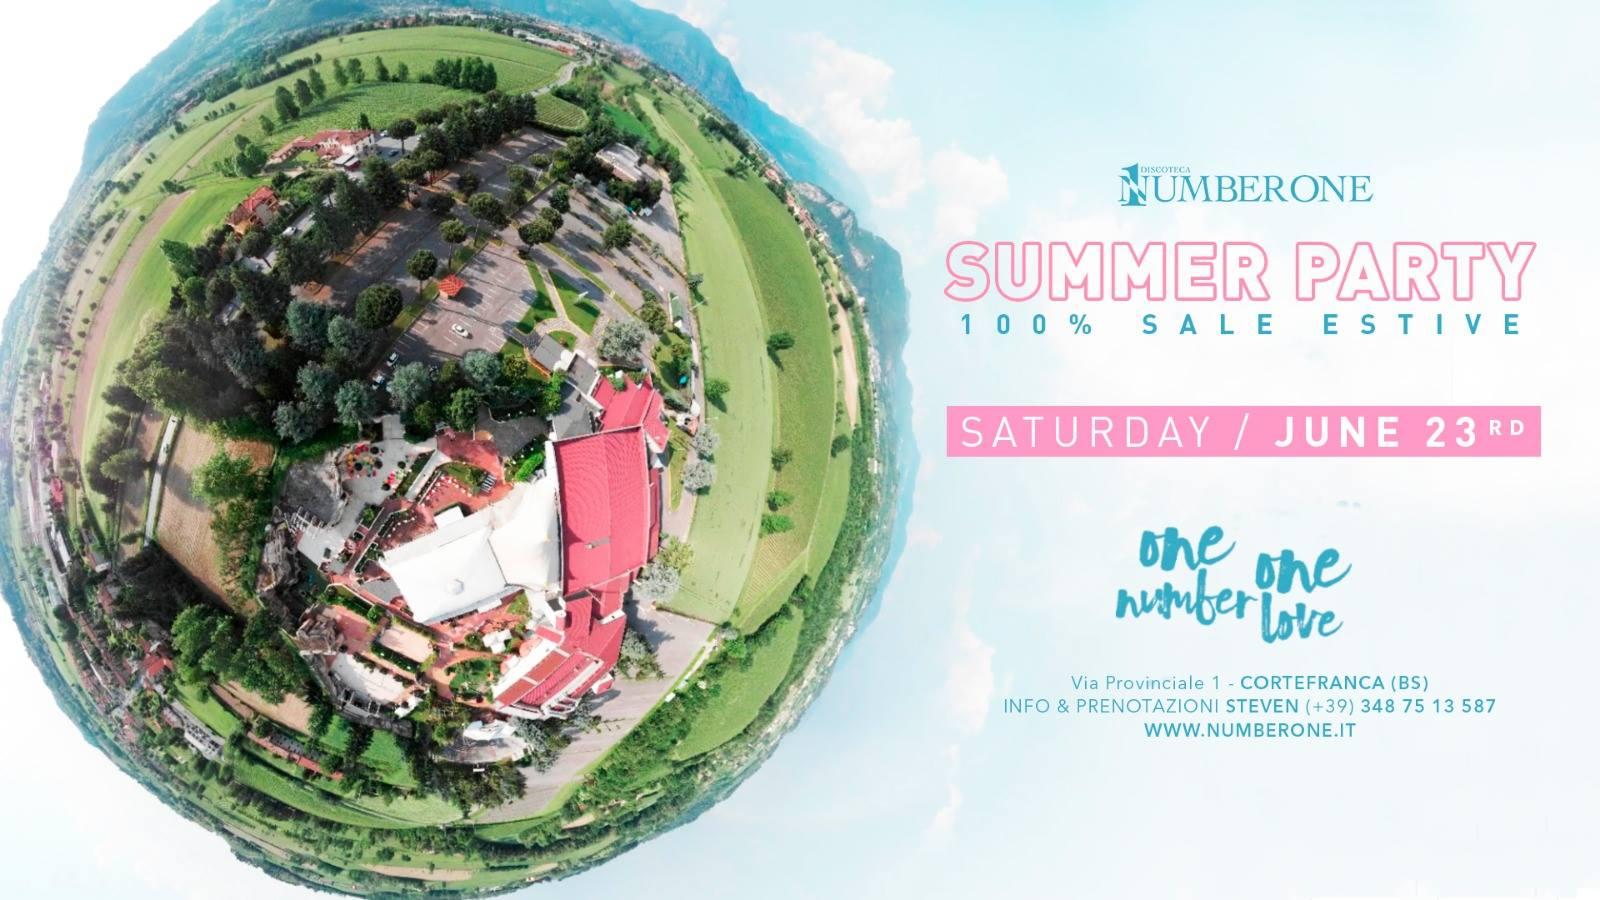 Summer Party ・ 100% Sale Estive